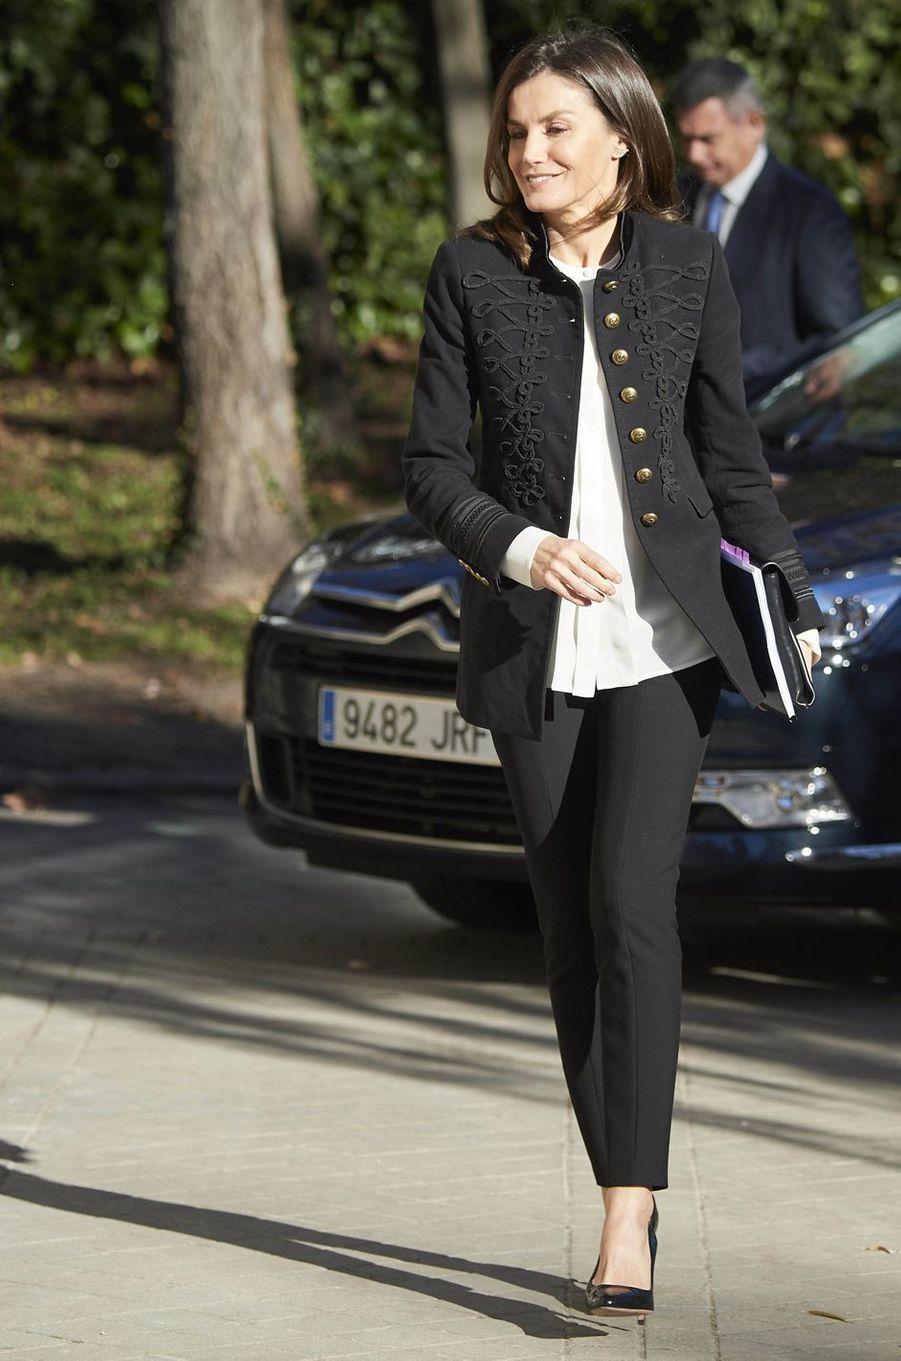 La reine Letizia d'Espagne, dans une veste Zara, à Madrid le 9 janvier 2019